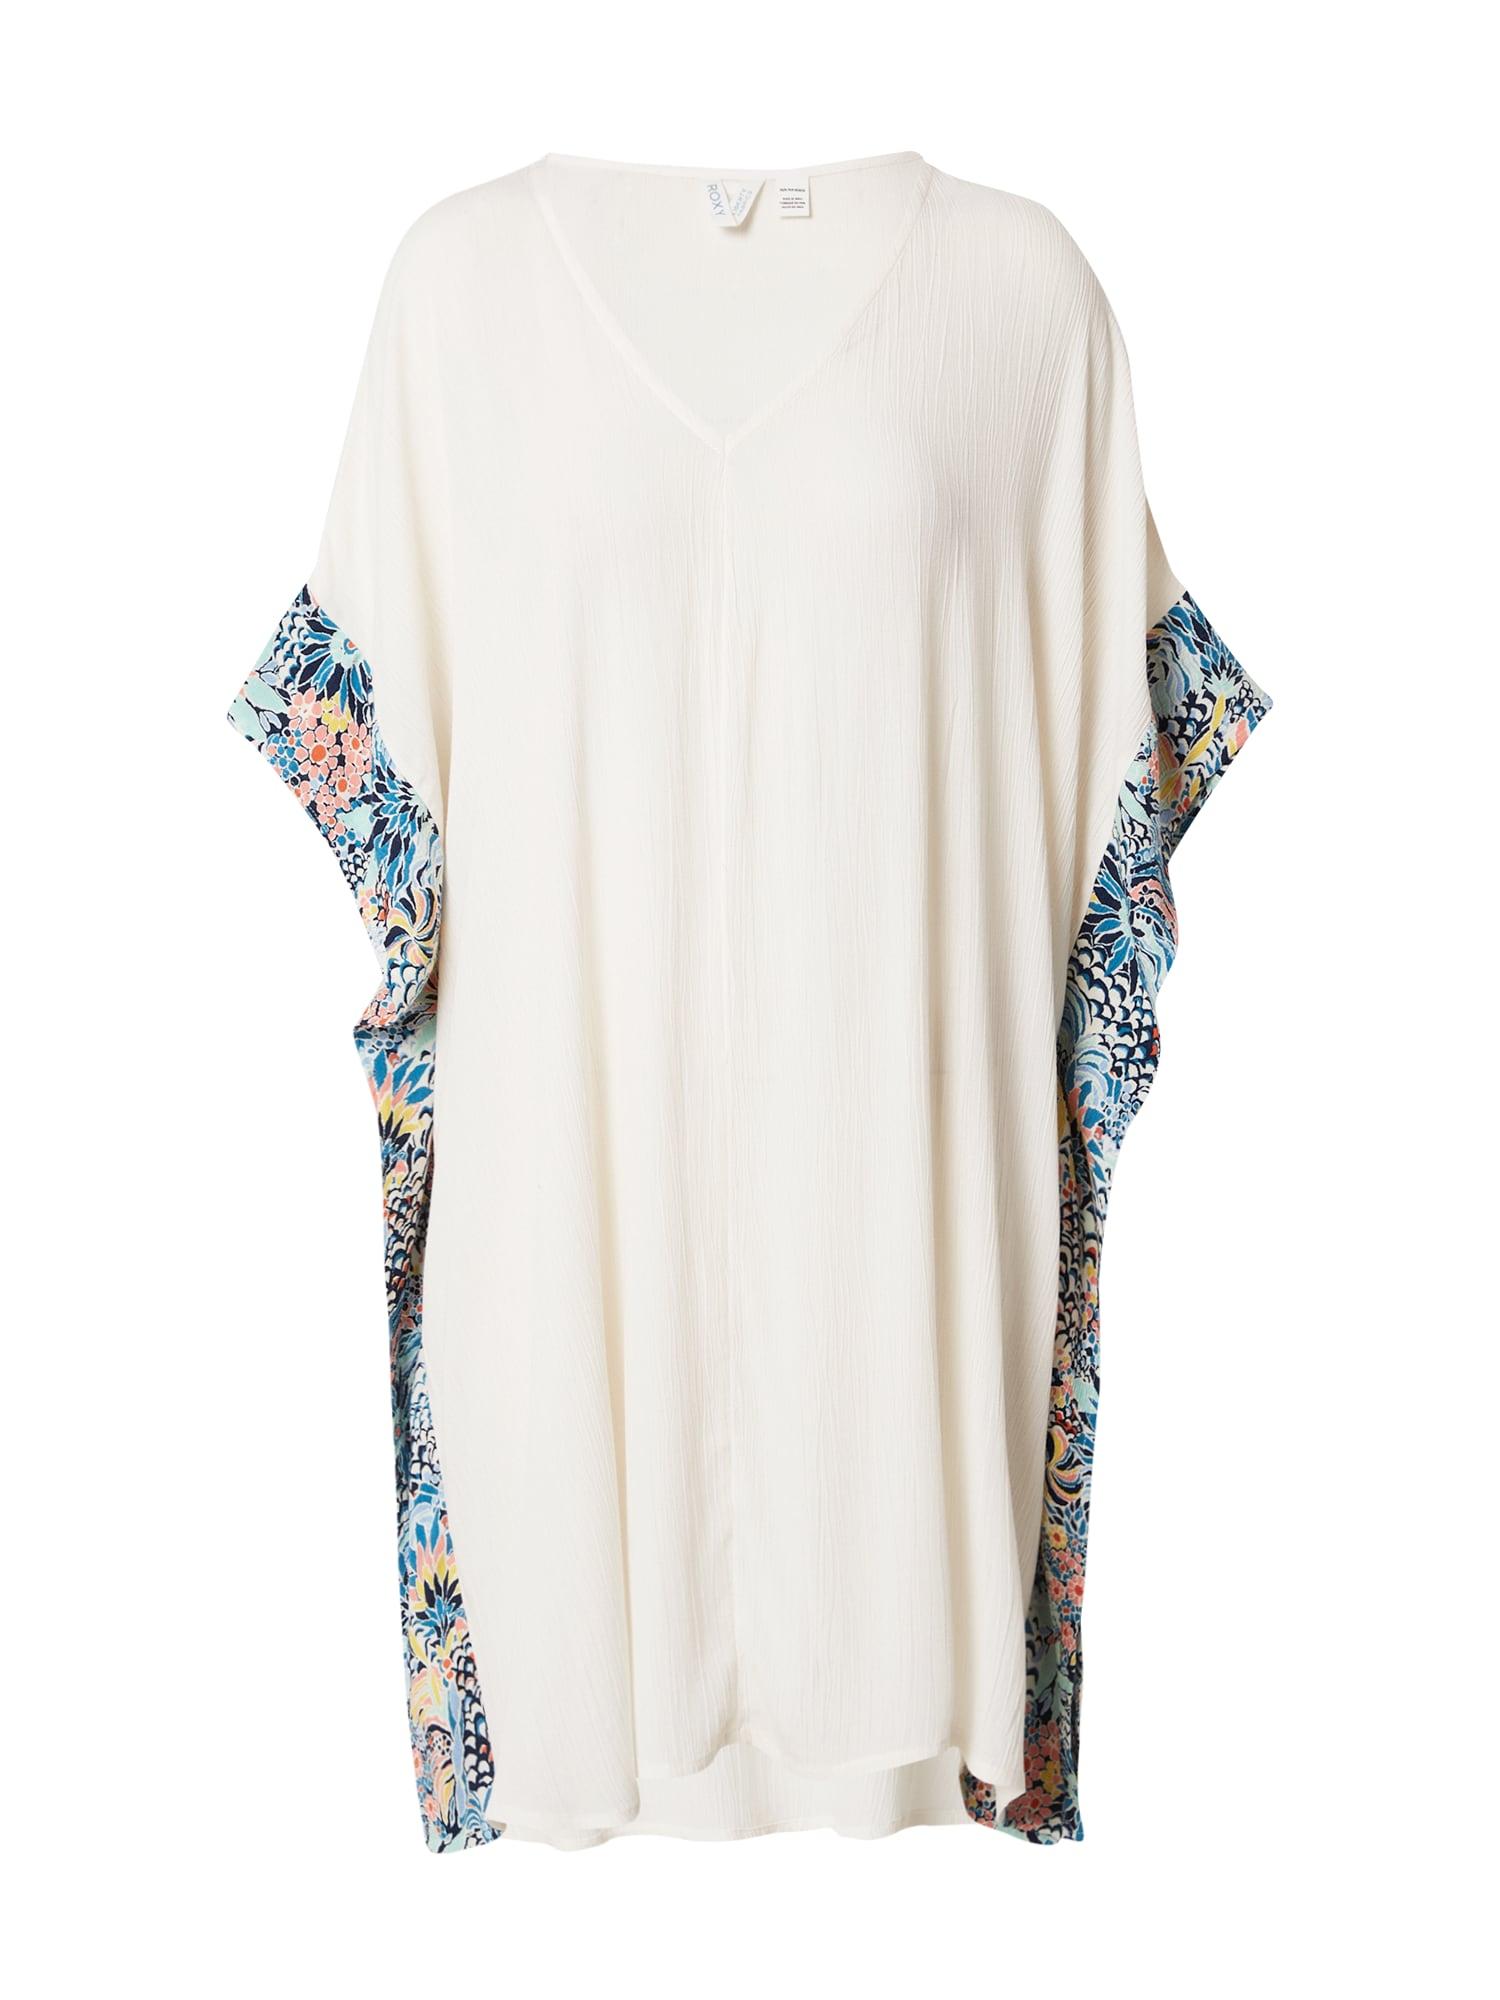 ROXY Paplūdimio suknelė 'MARINE BLOOM' balta / tamsiai mėlyna jūros spalva / mišrios spalvos